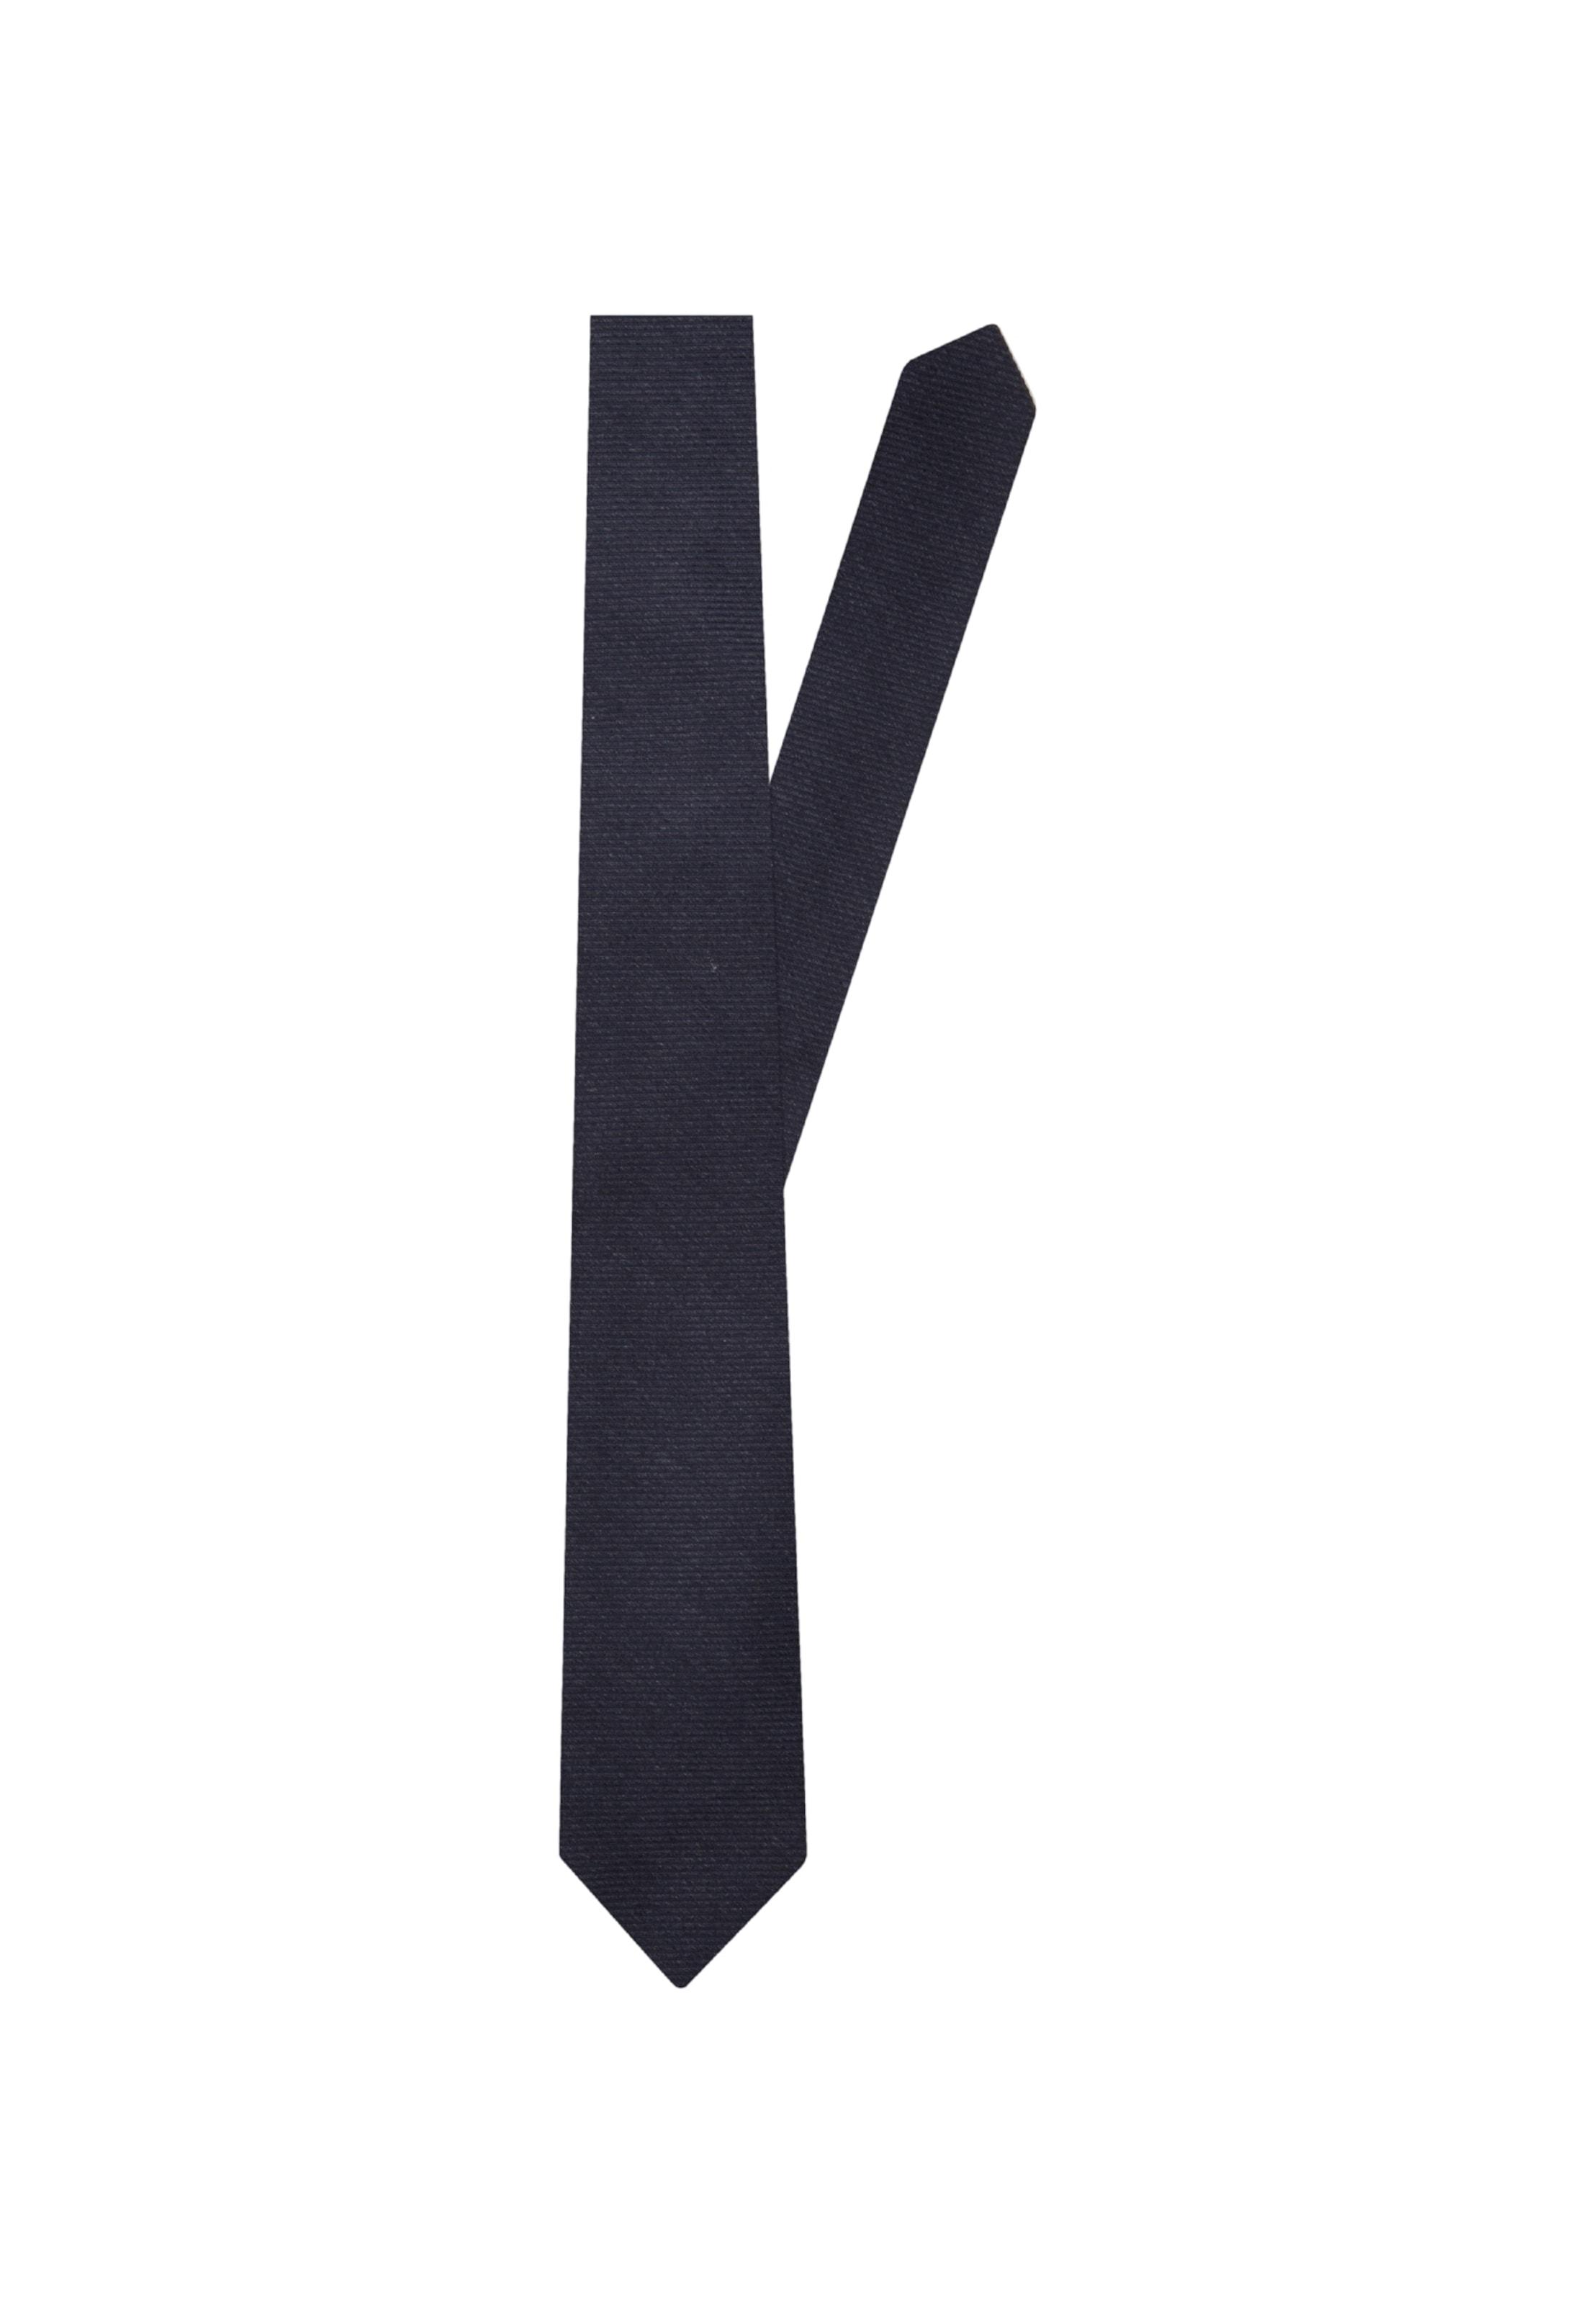 Seidensticker Krawatte Navy Seidensticker Krawatte In F1JclTK